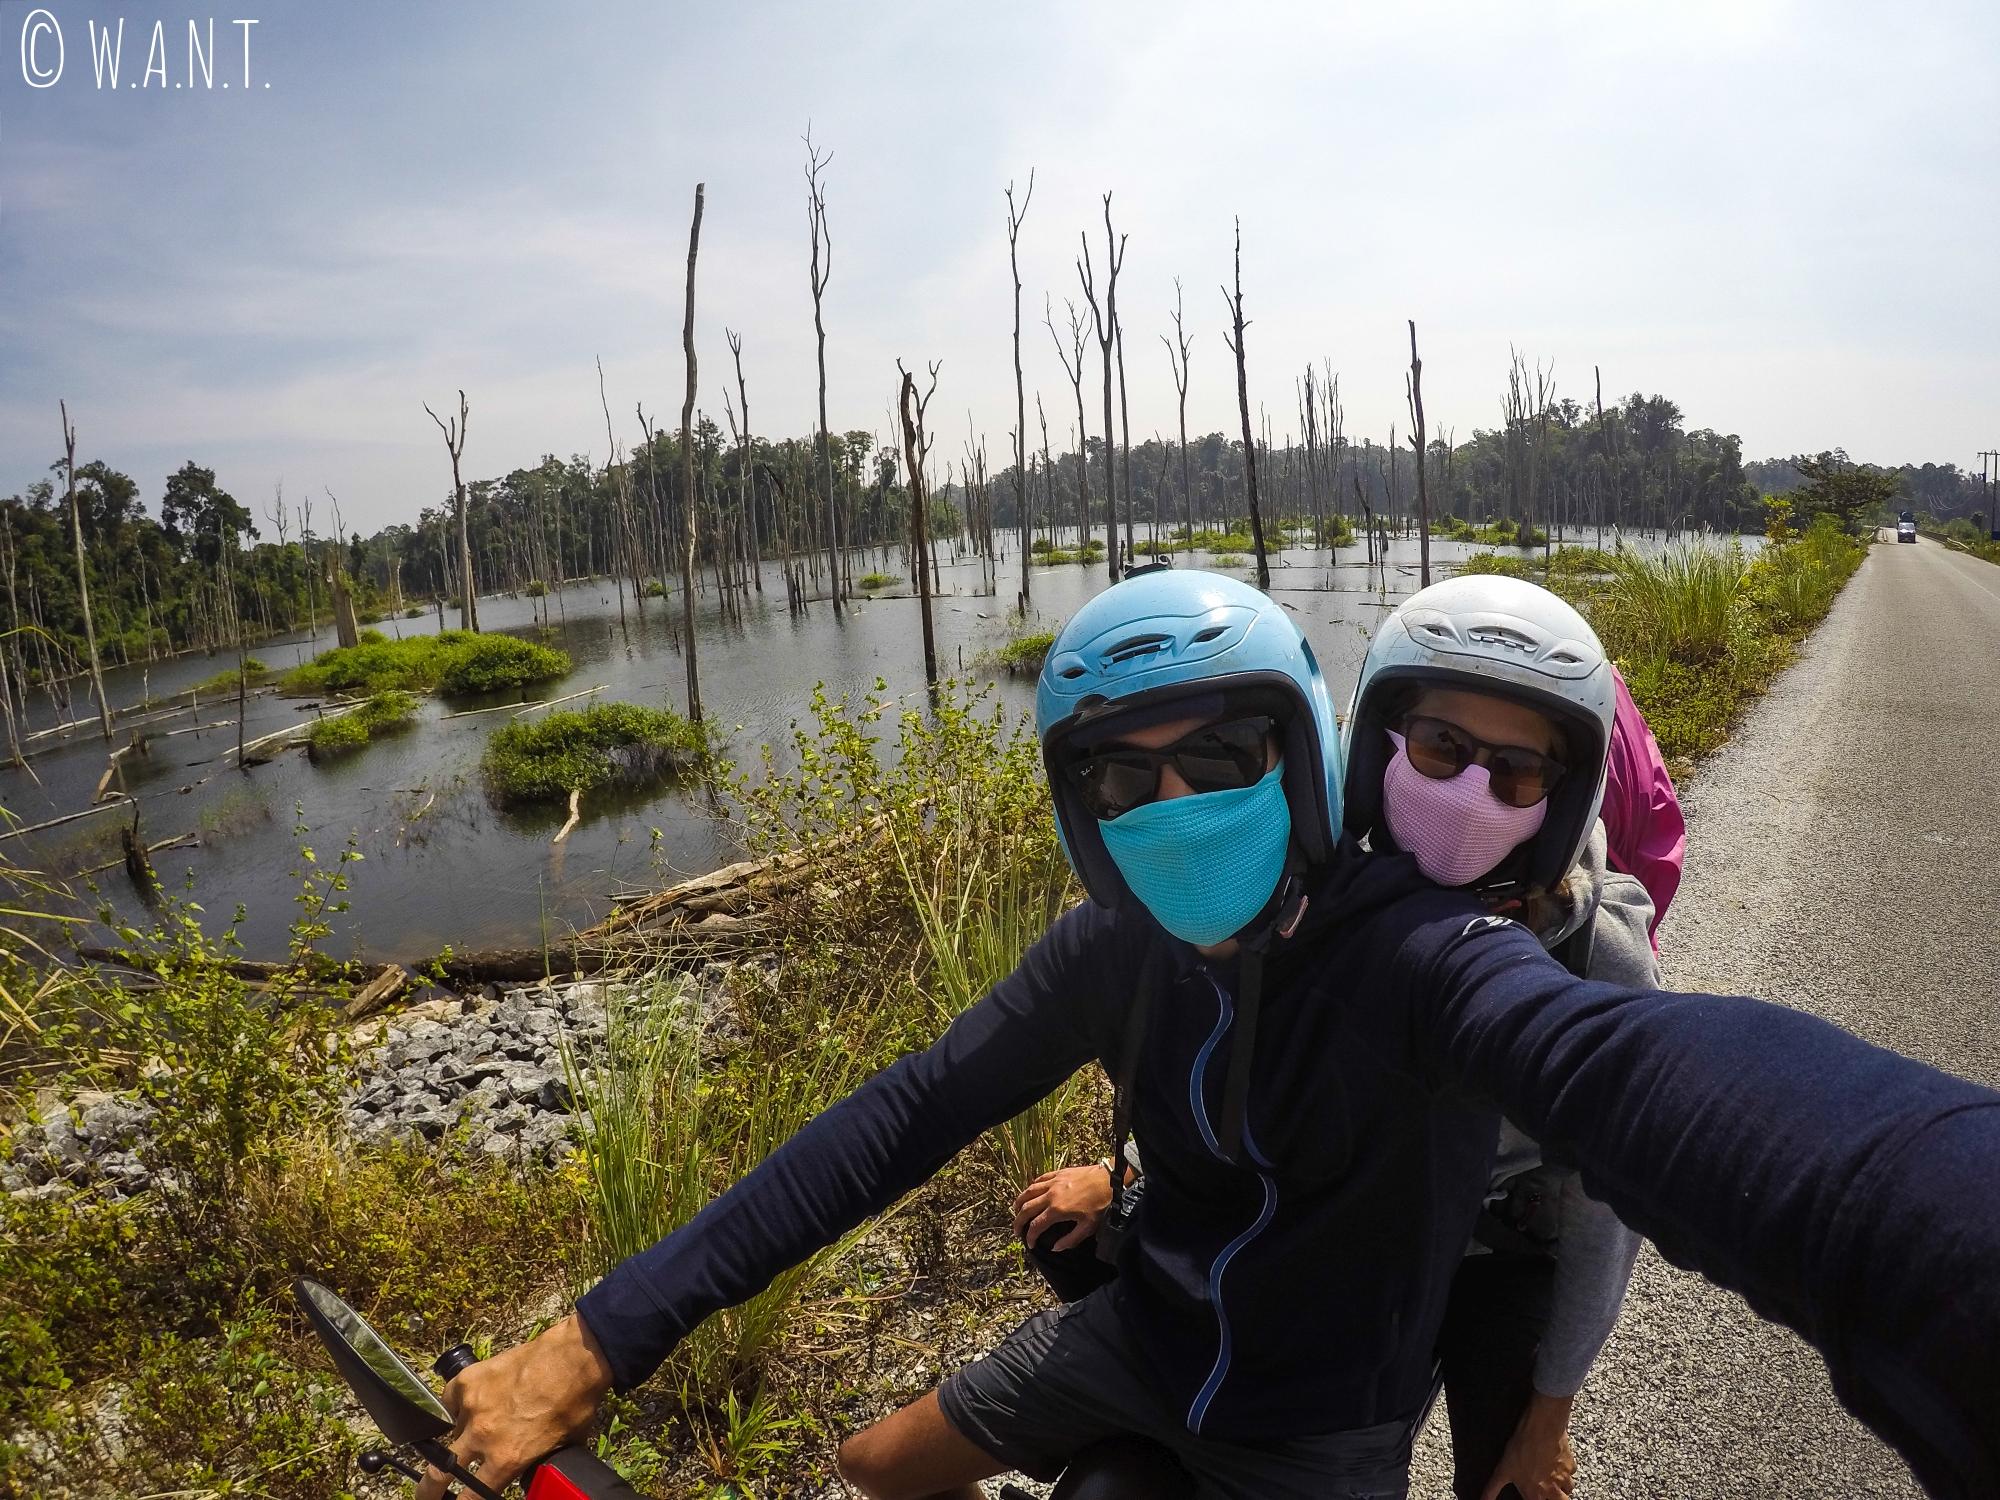 Selfie devant le réservoir de la rivière Nam Theun